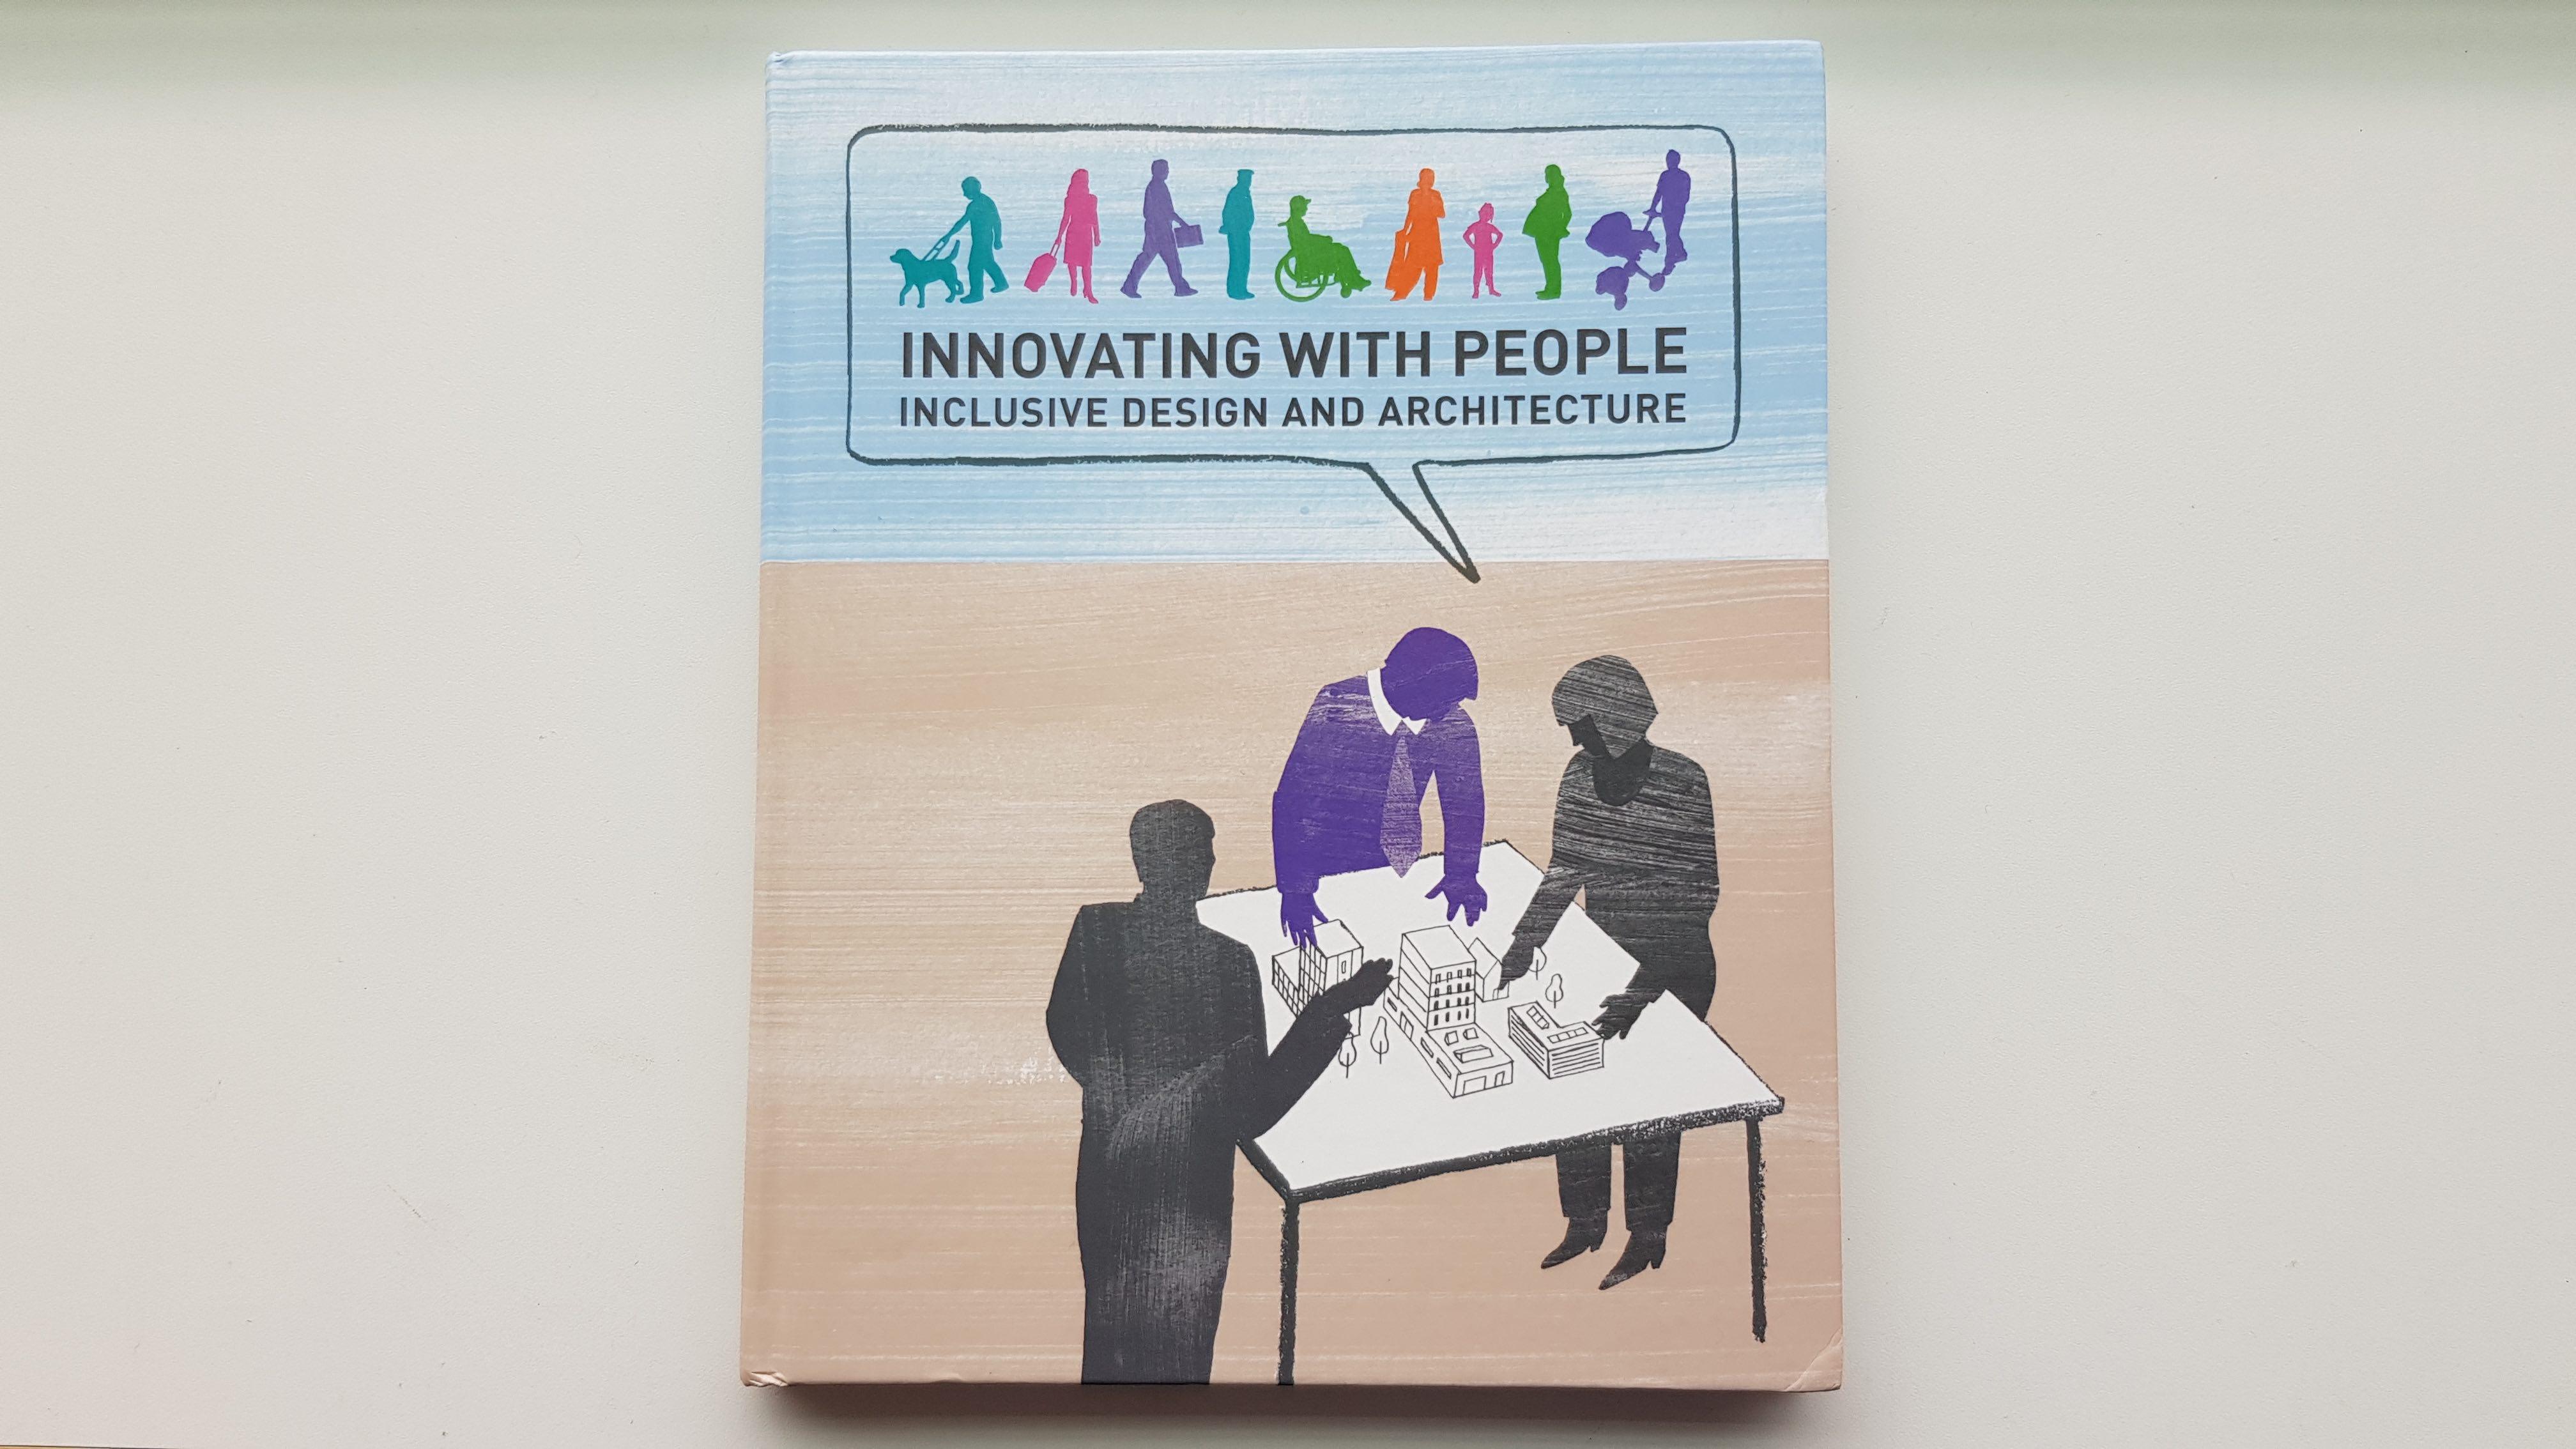 Omslag af bogen Innovating with people, som handler om inkluderende arkitektur.